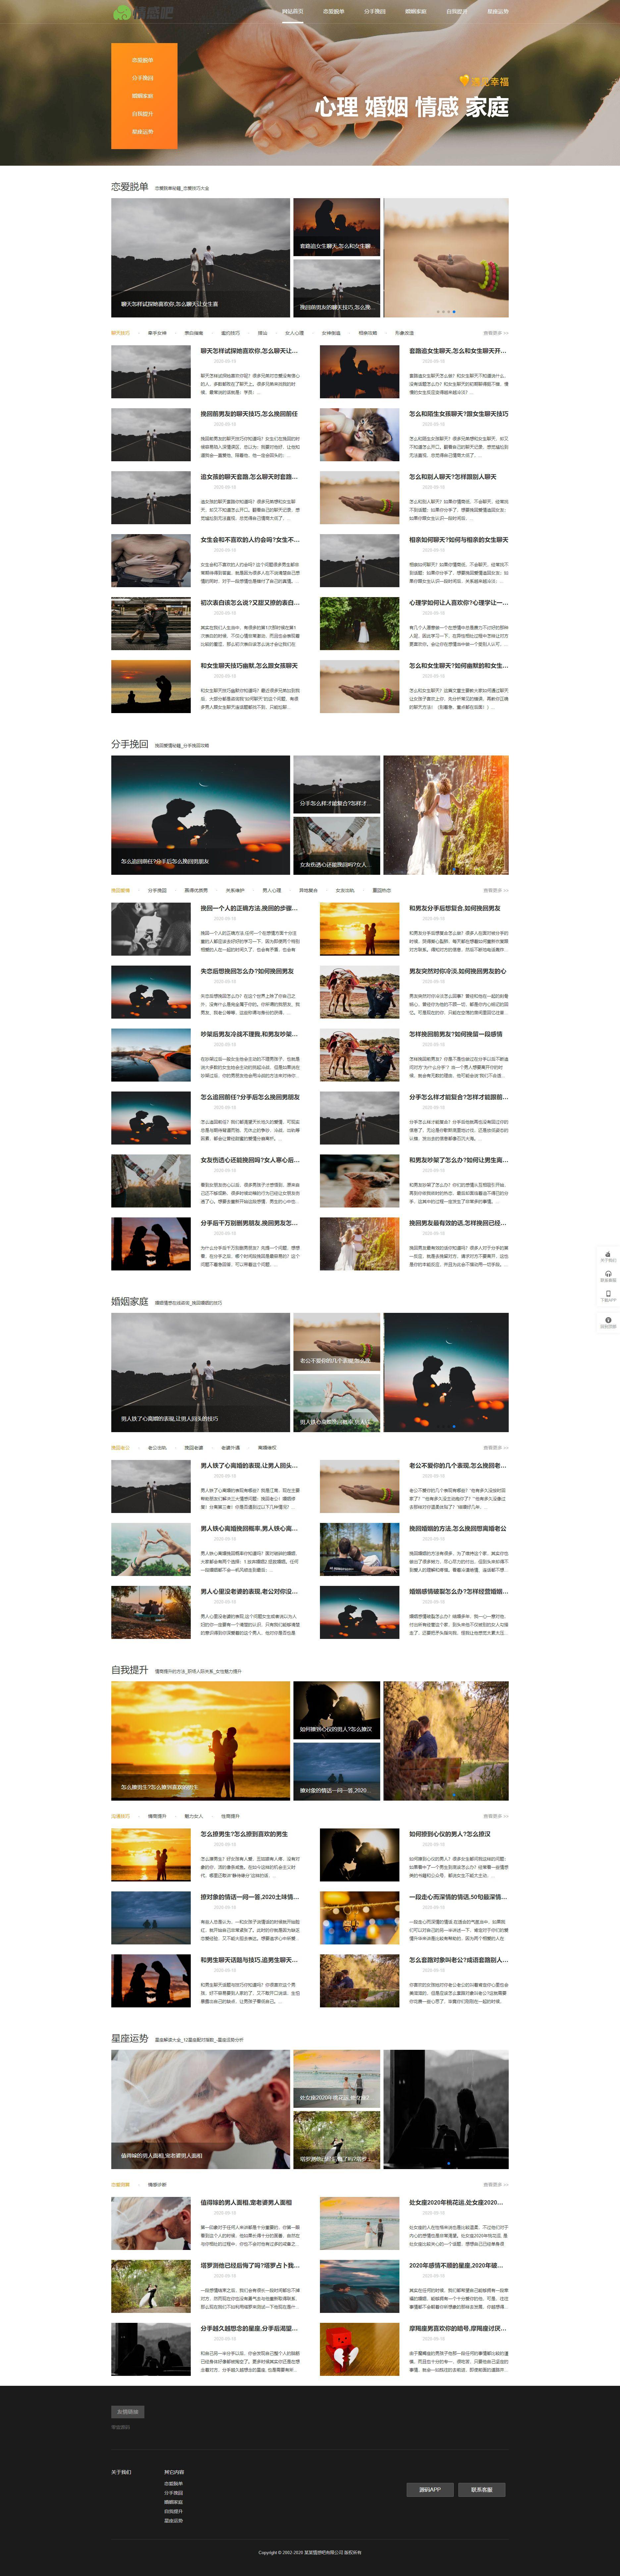 情感新闻资讯类网站织梦dedecms模板(带手机端)